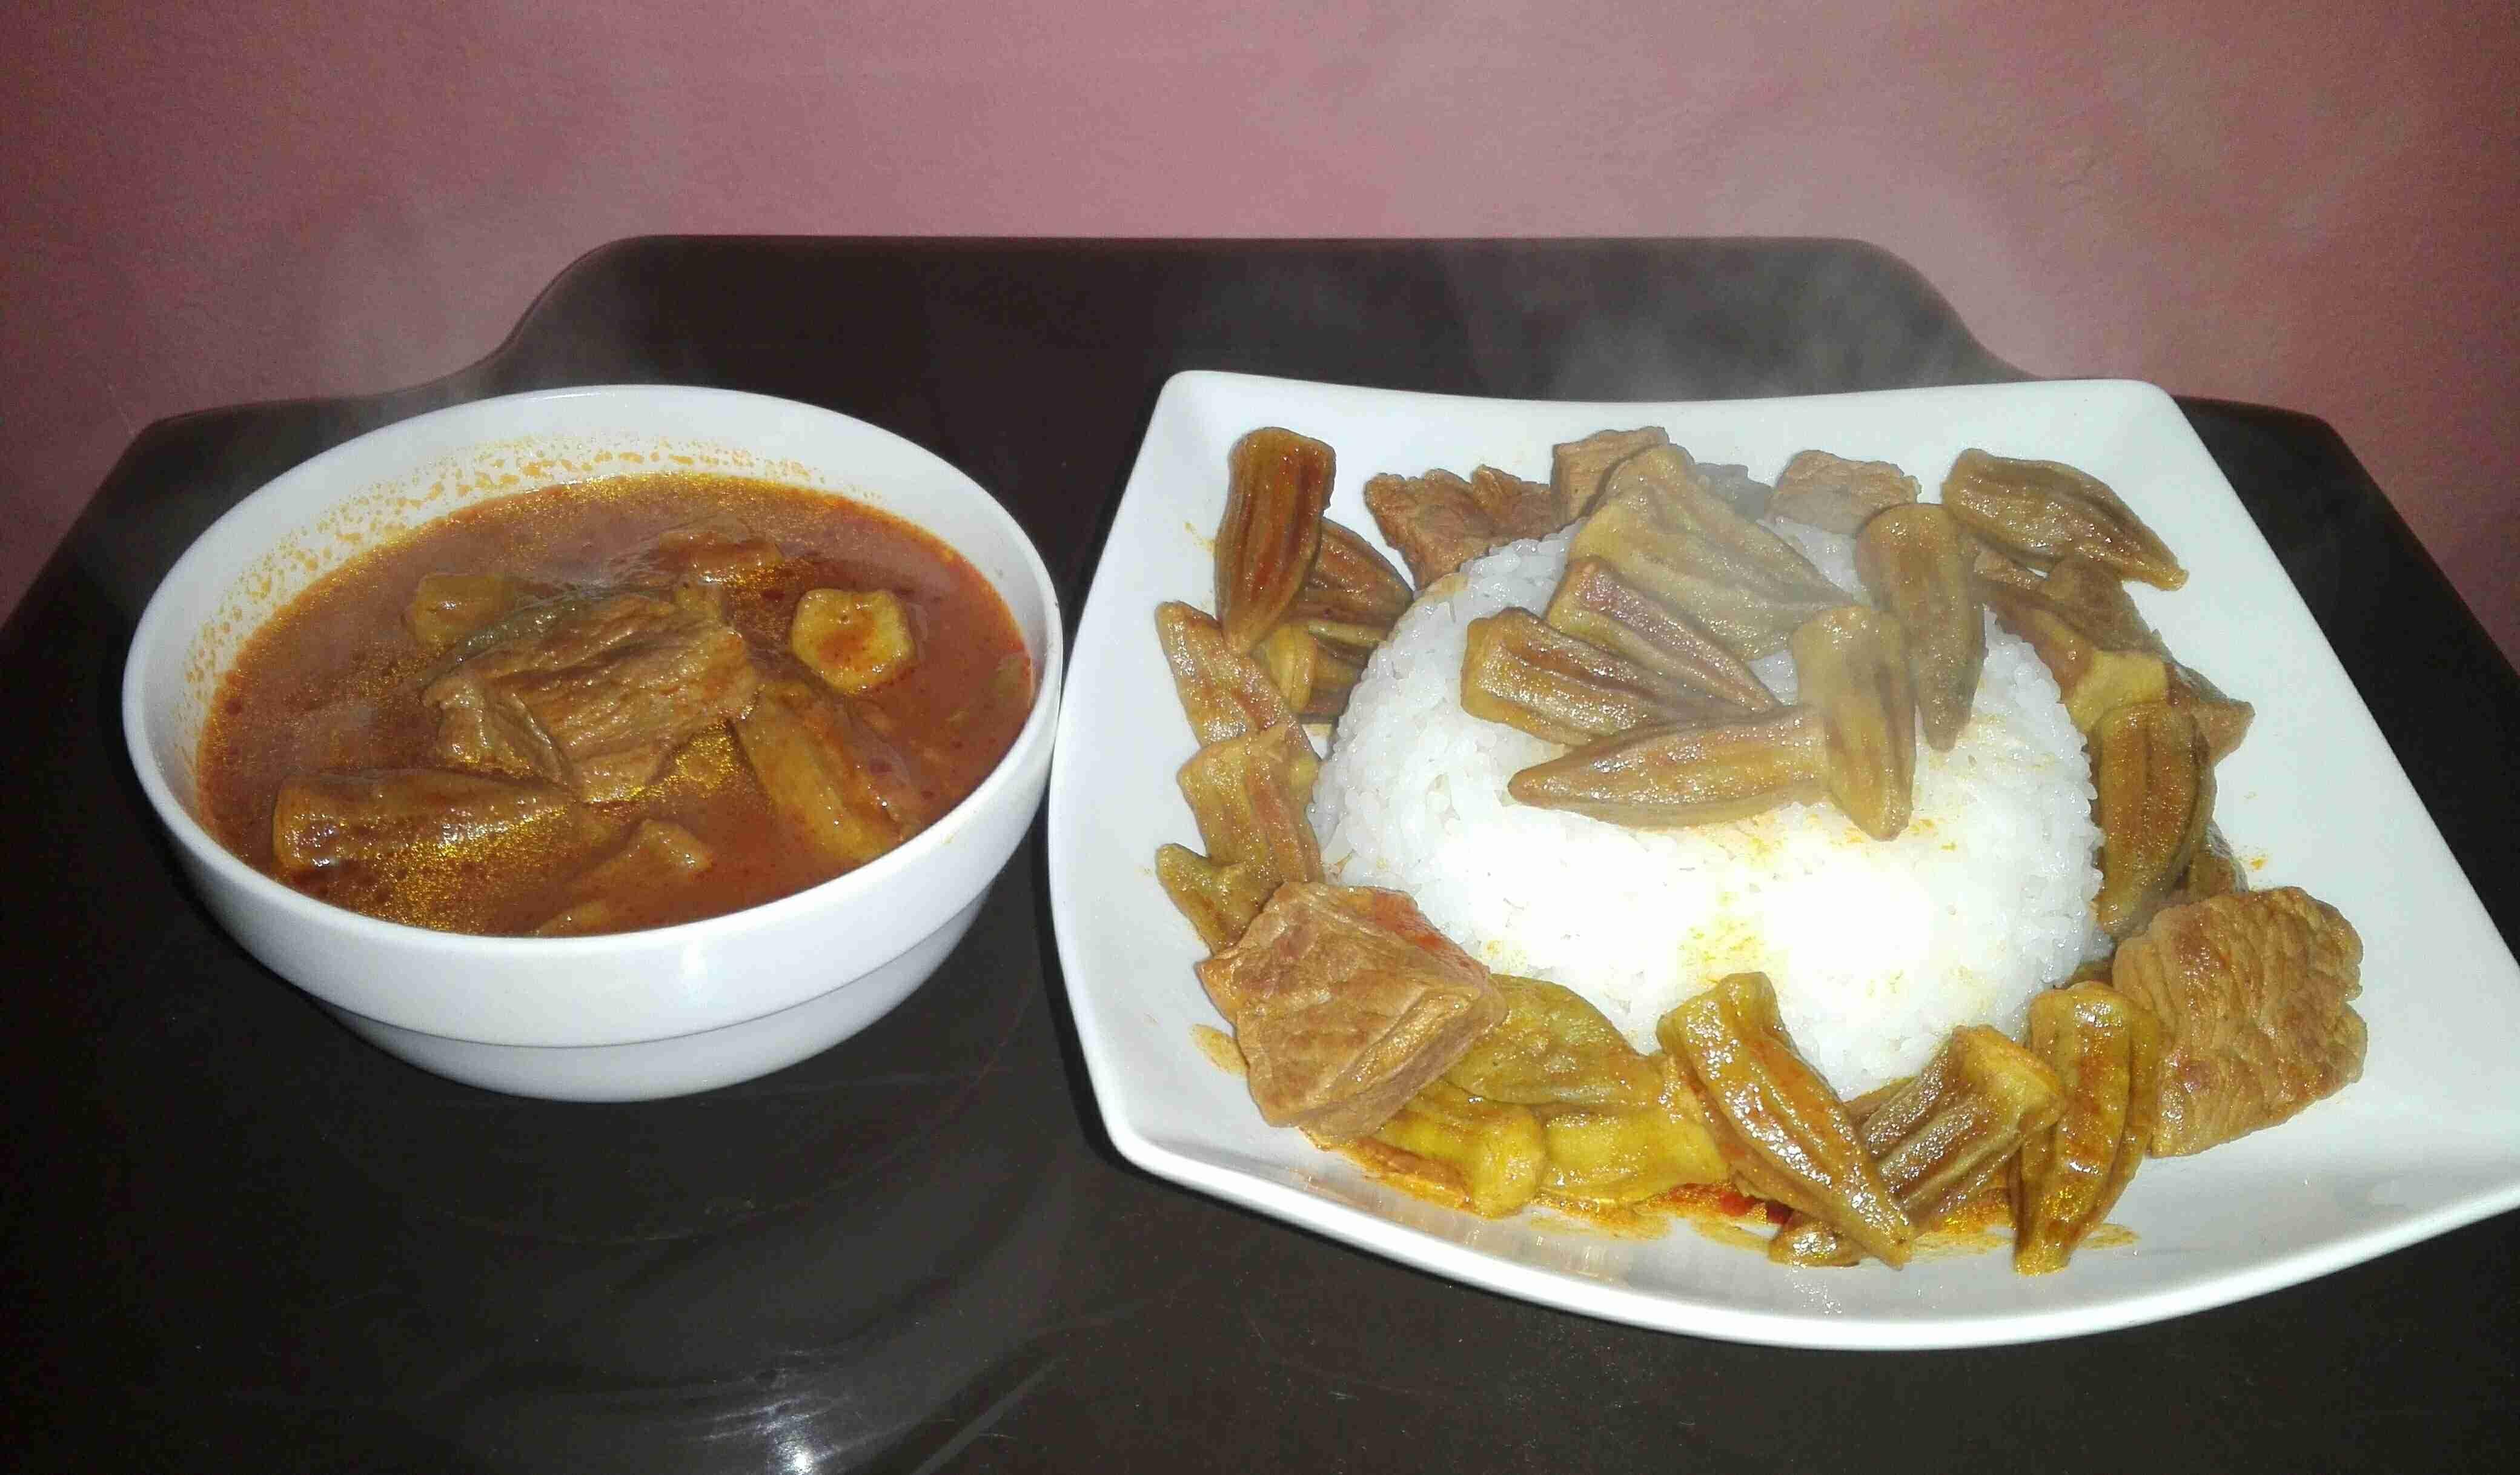 صلصة باميا والطعم خطير سلسة وصفاتي المشكله 14 زاكي Main Dishes Food Dishes